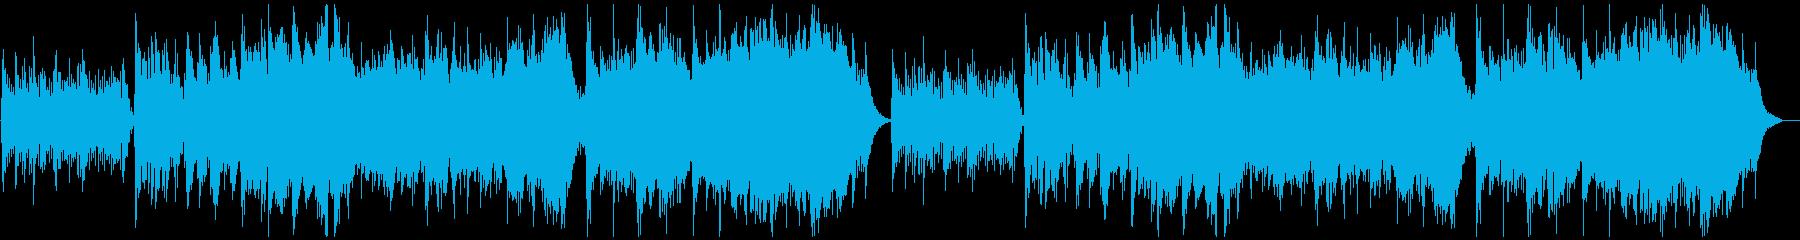 幻想的な森BGMの再生済みの波形